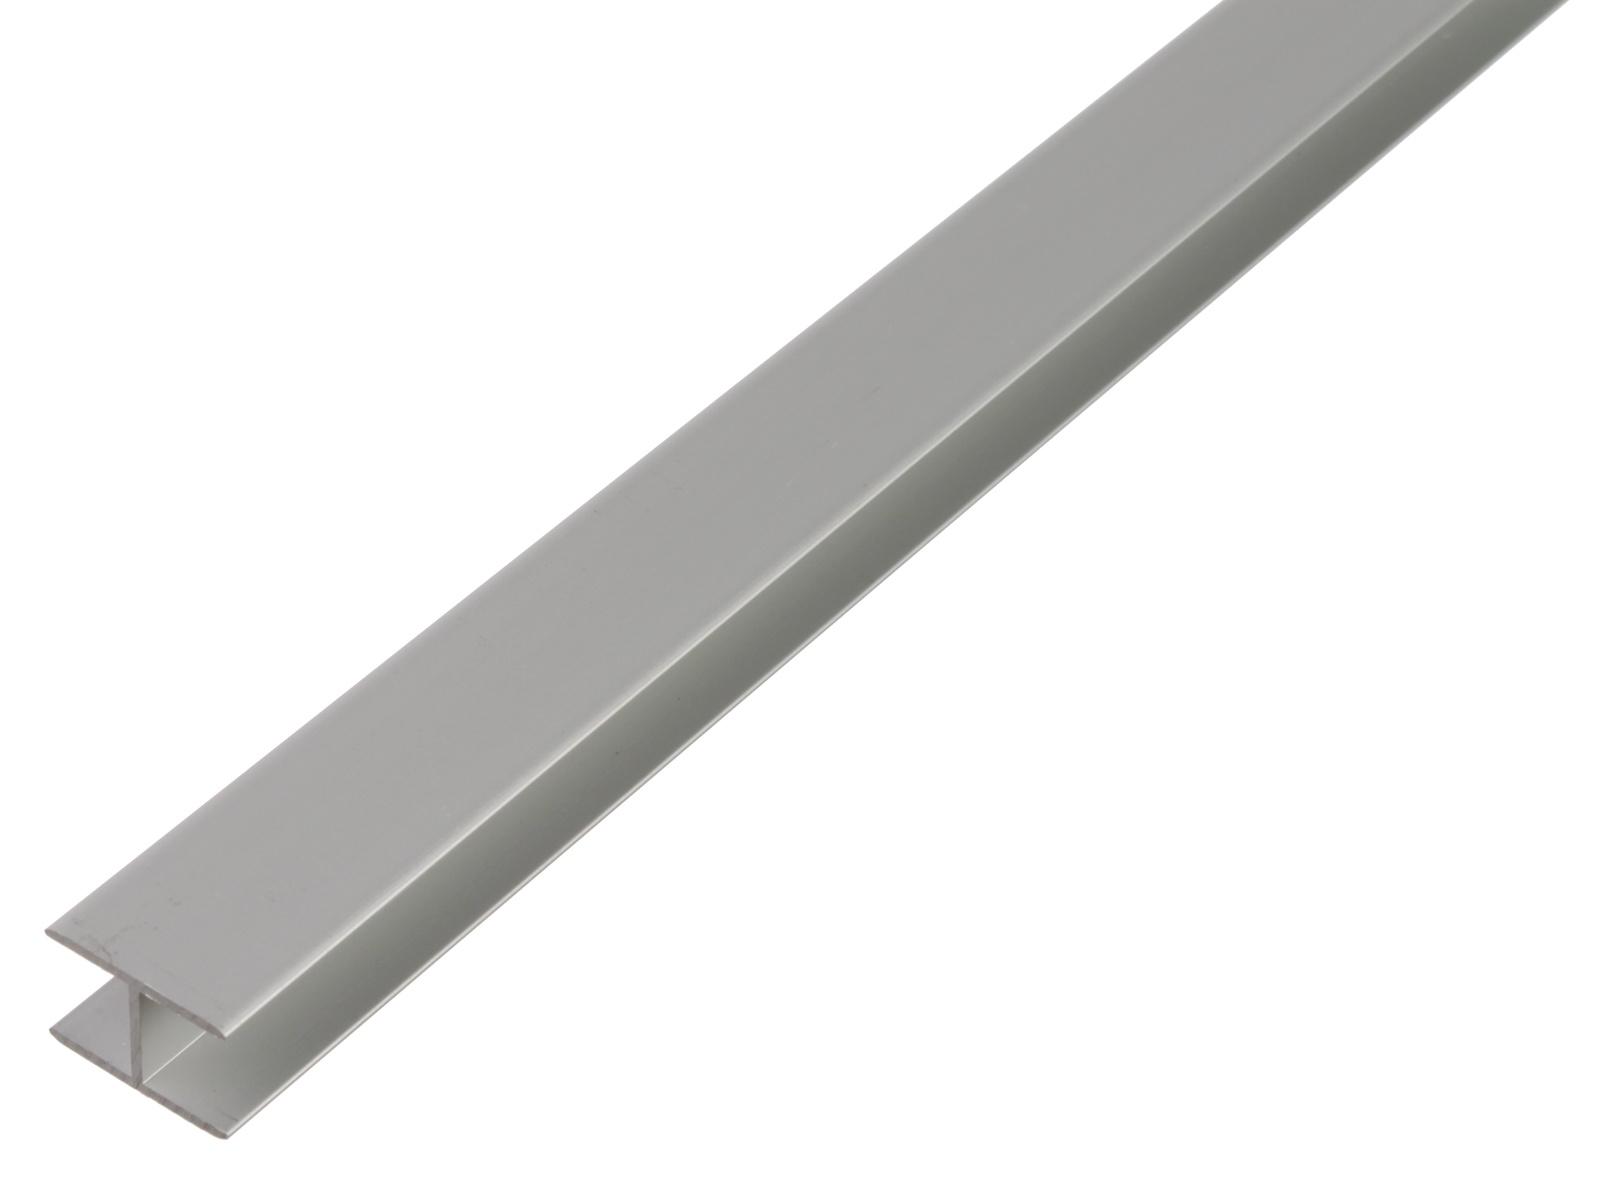 Профиль Н-образный, Gah Alberts, алюминиевый, серебристый, 8,9x20x1,5х1000мм